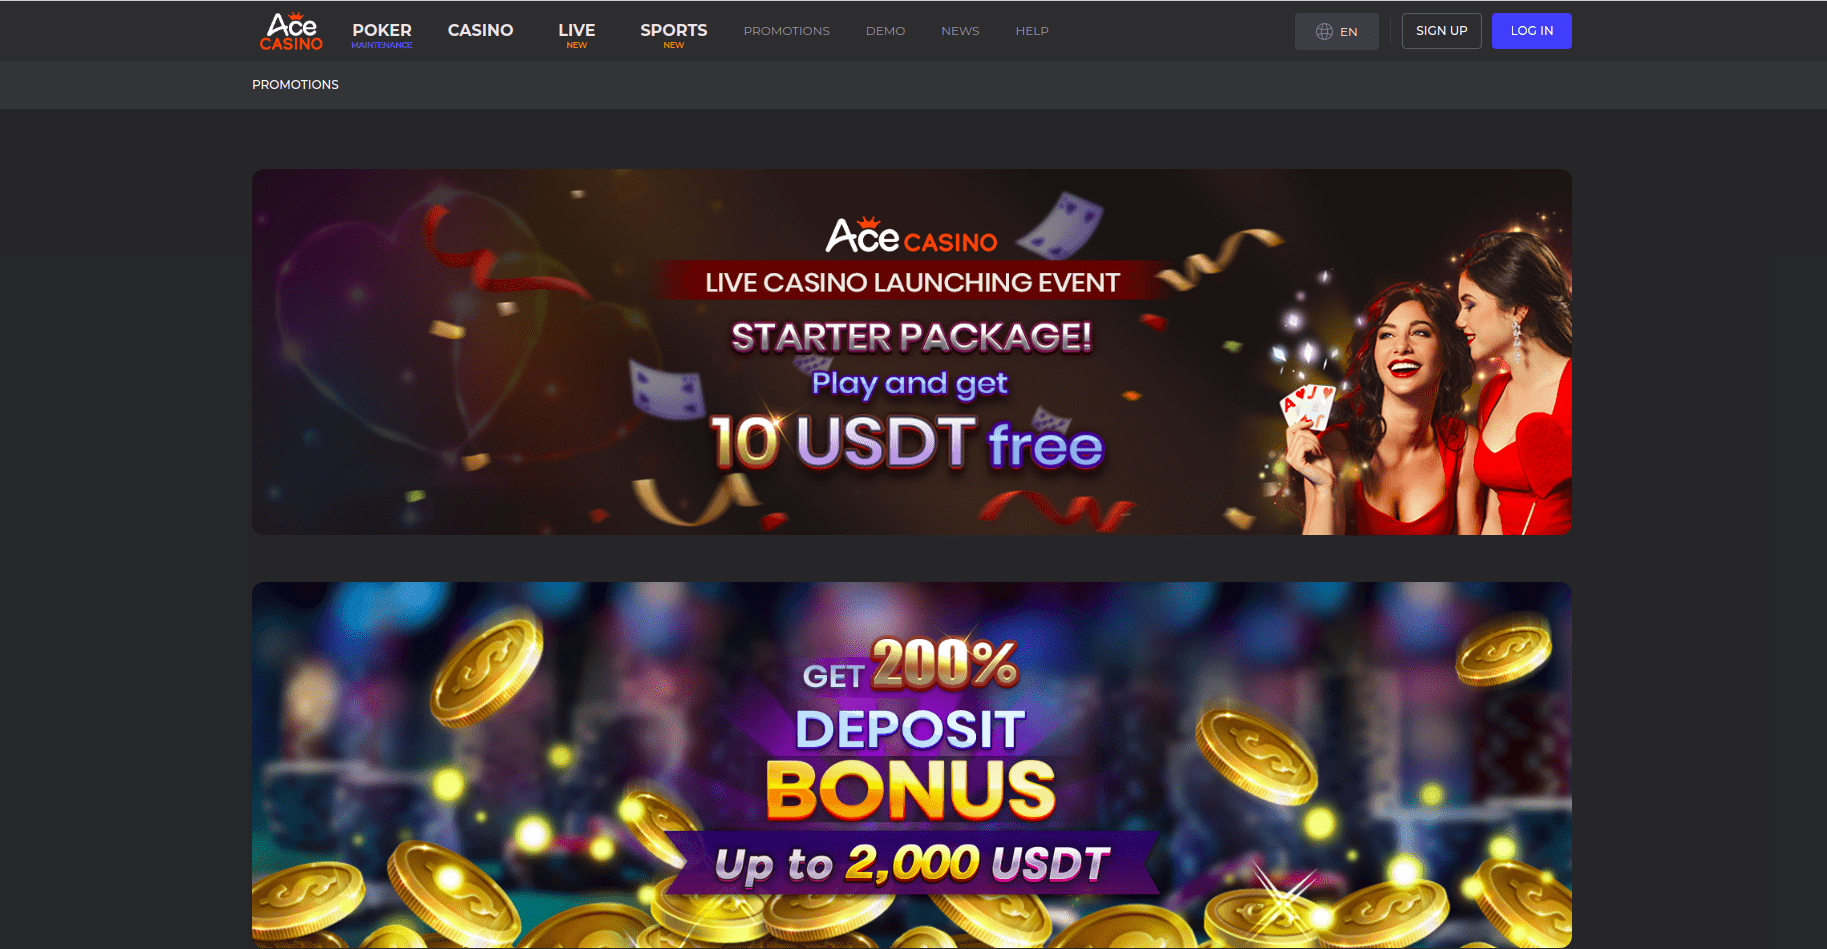 Ace Casino Promotions Desktop